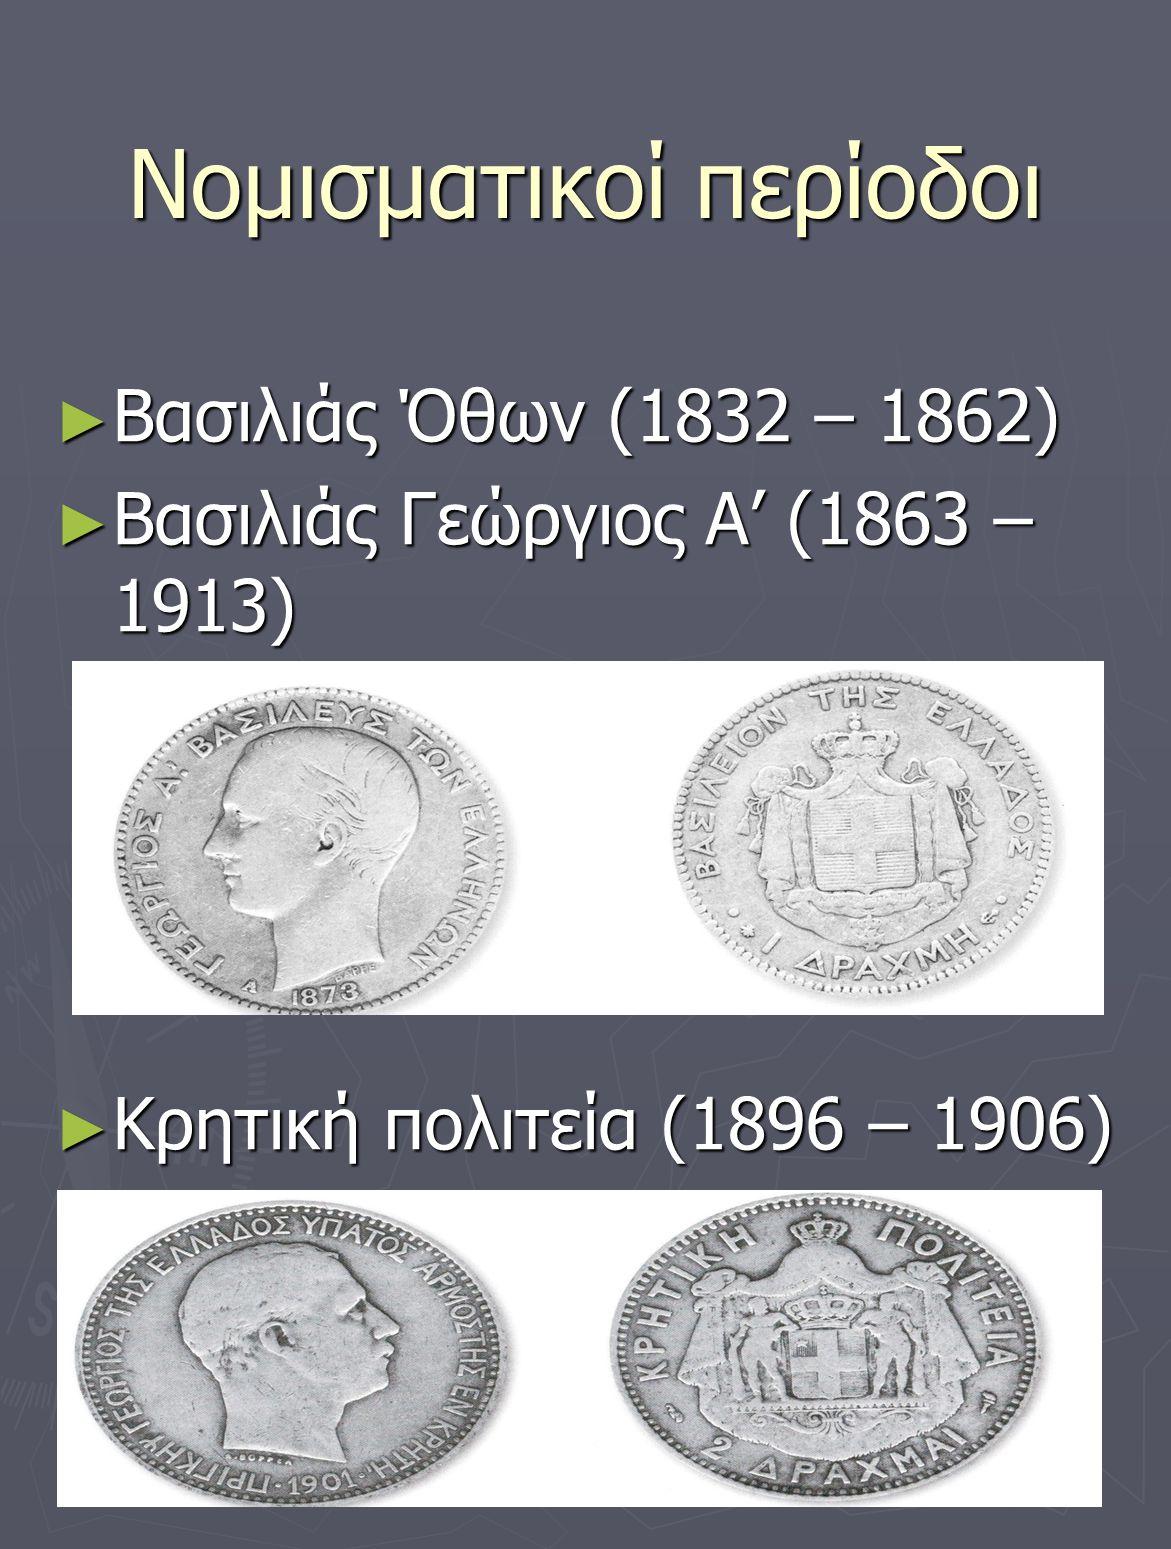 Νομισματικοί περίοδοι